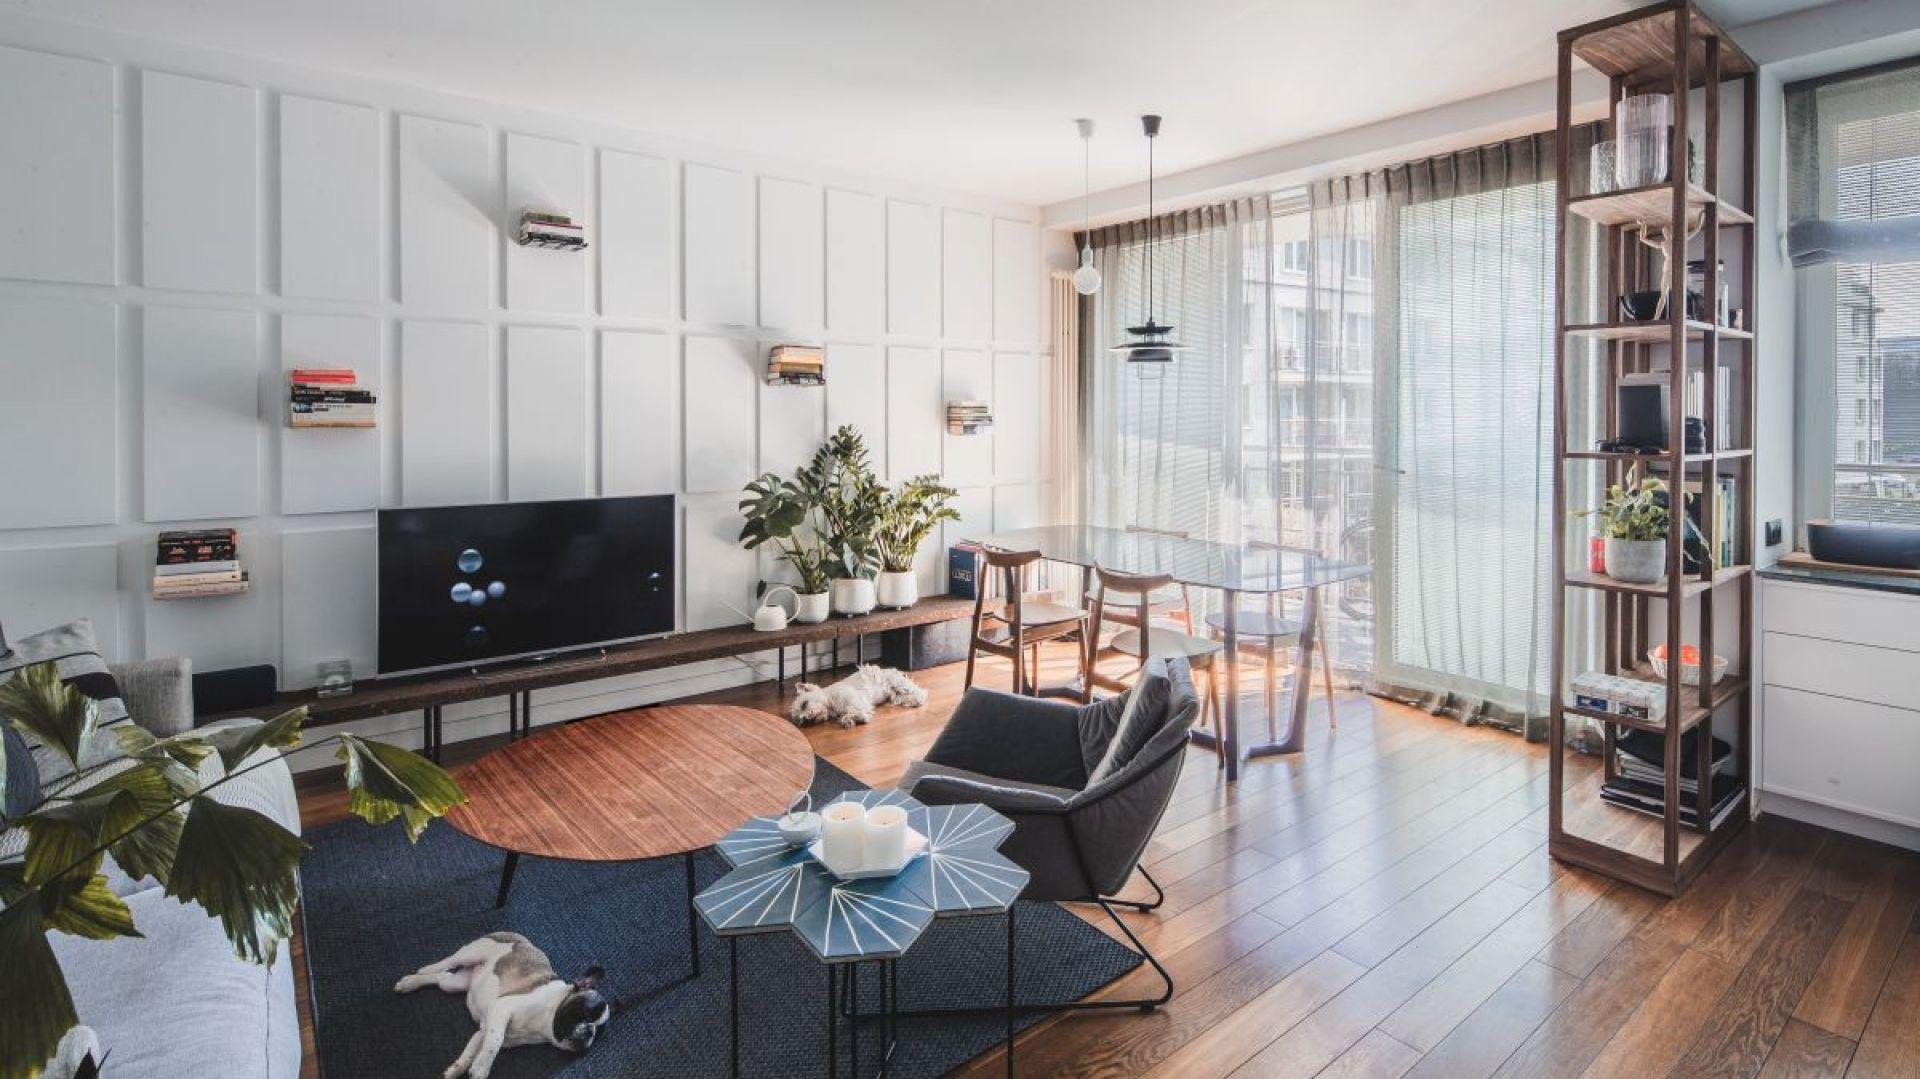 Mieszkanie na warszawskim Żoliborzu zostało zaprojektowane tak, aby jak najlepiej wykorzystać niewielką przestrzeń, z jednoczesną dbałością o detale i estetykę. W efekcie powstała nowoczesna, prosta przestrzeń, będąca uosobieniem hasła Less is more, jednocześnie niepozbawiona ciepła. Fot. Ignacy Matuszewski